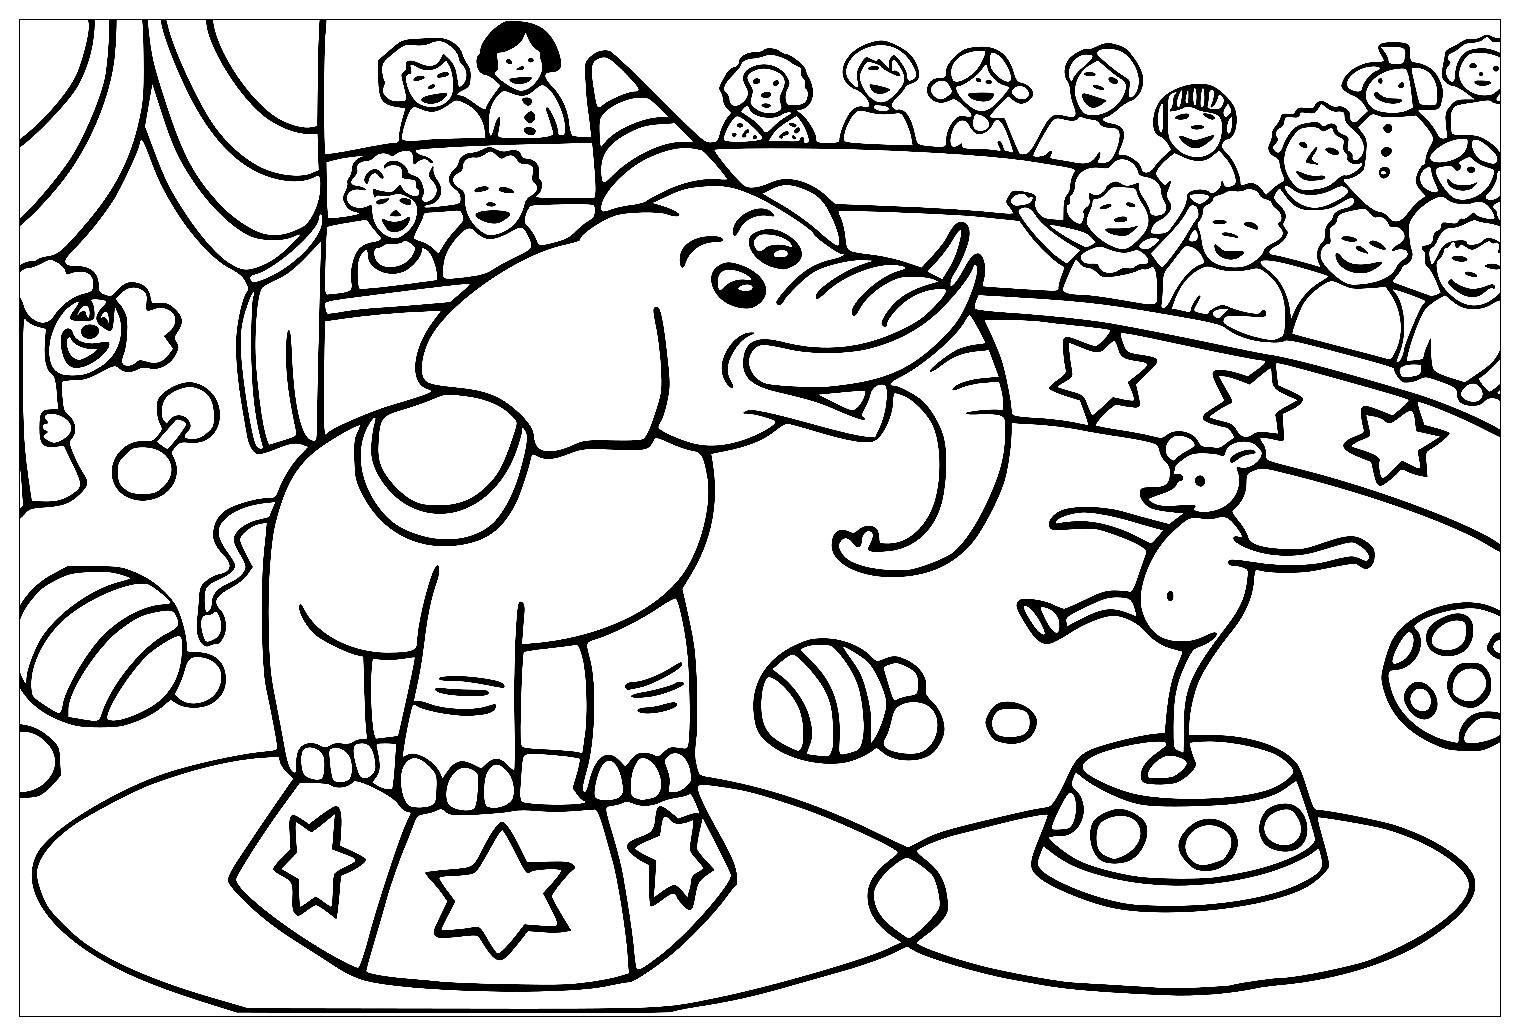 Coloriage Theme Du Cirque Coloriages Cirque Coloriages Pour Enfants